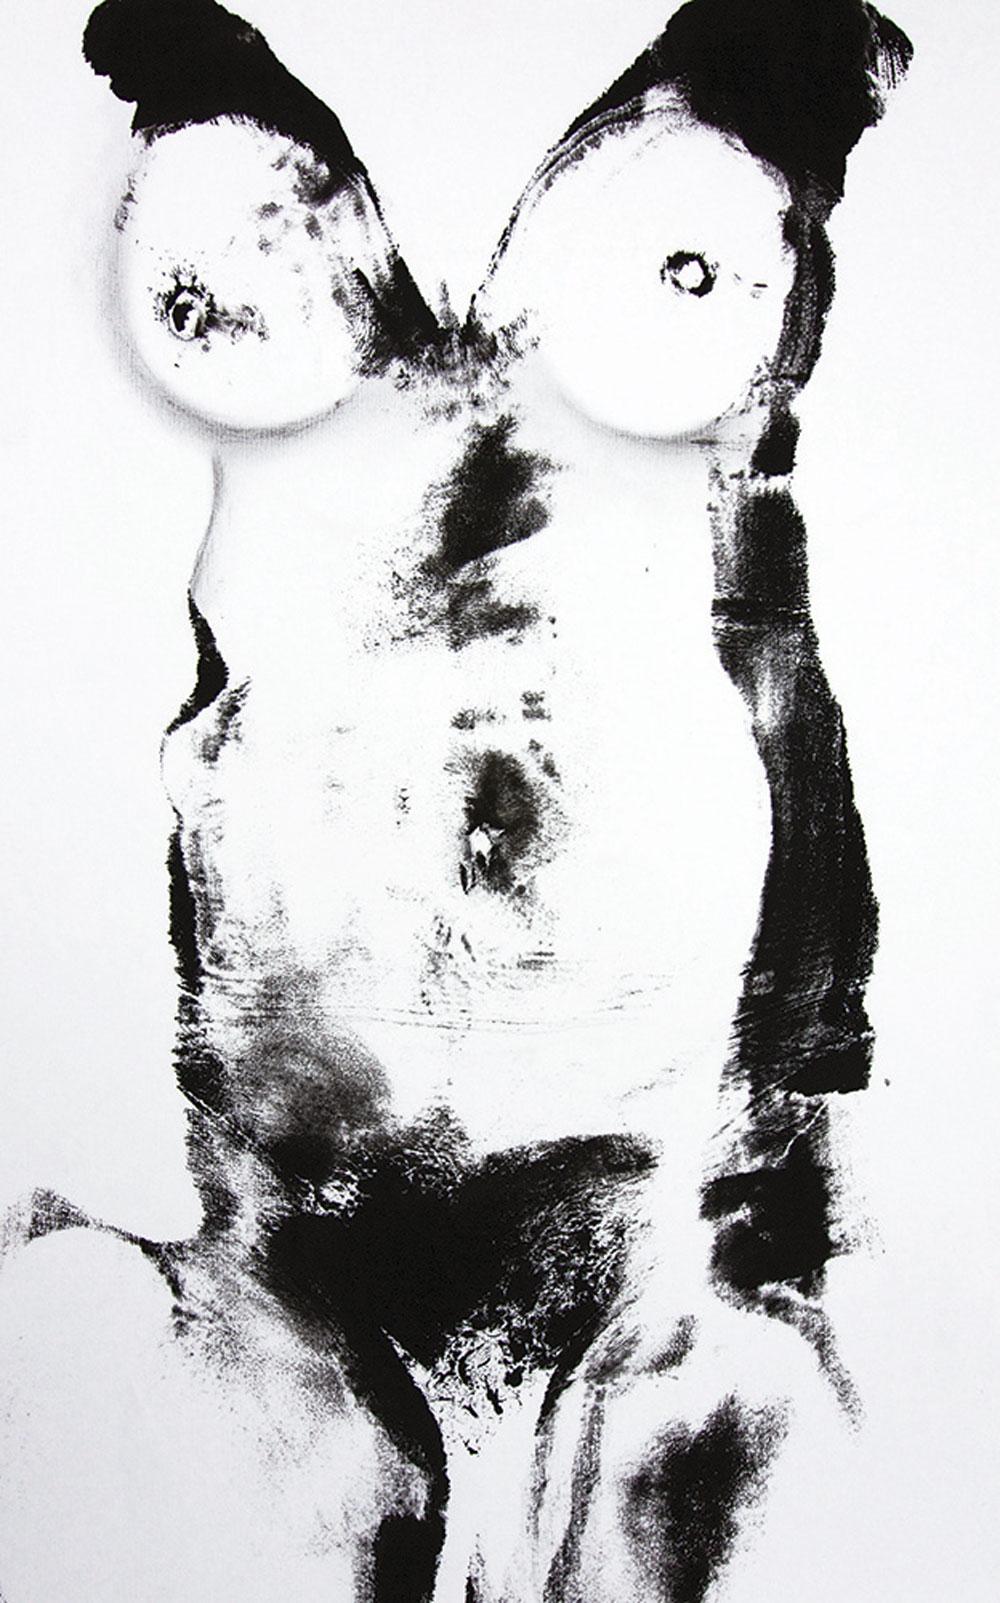 Schwarz auf Weiß 2016 / Gouache, Kohle auf Papier / 30x57 cm